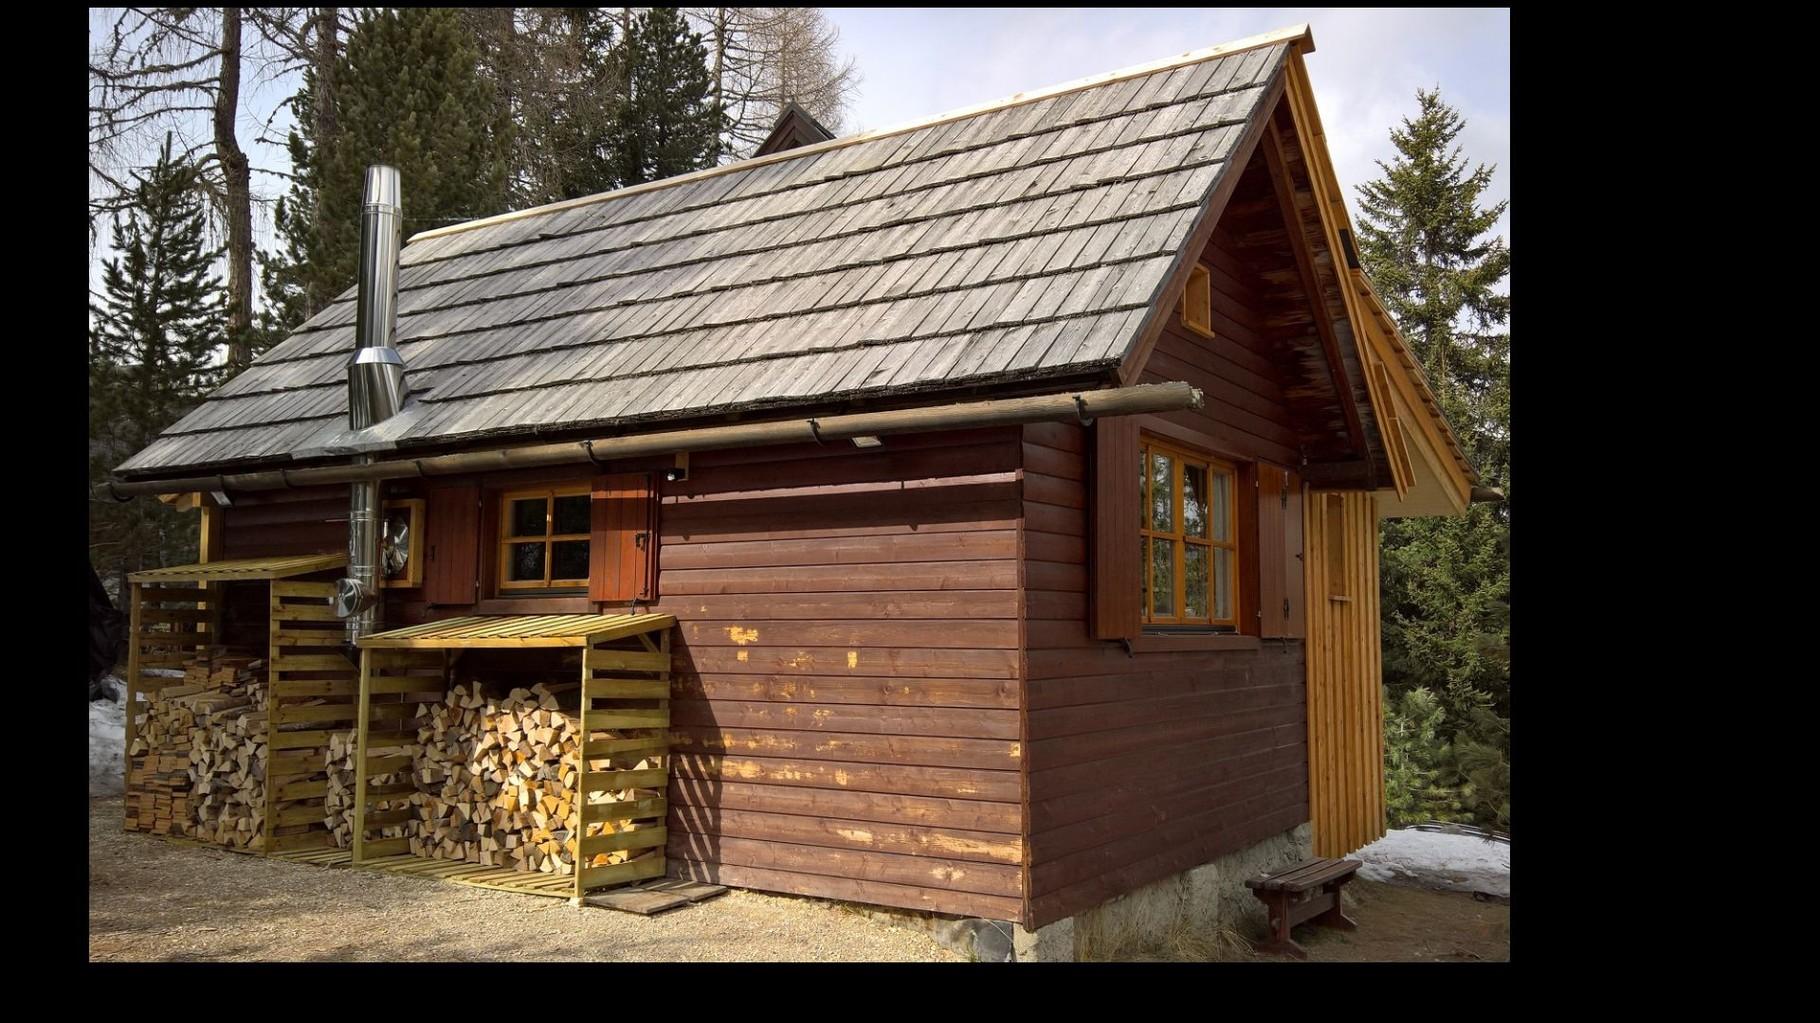 Zirbenwald-Chalet Turracher Höhe - mit Holz vor der Hütte